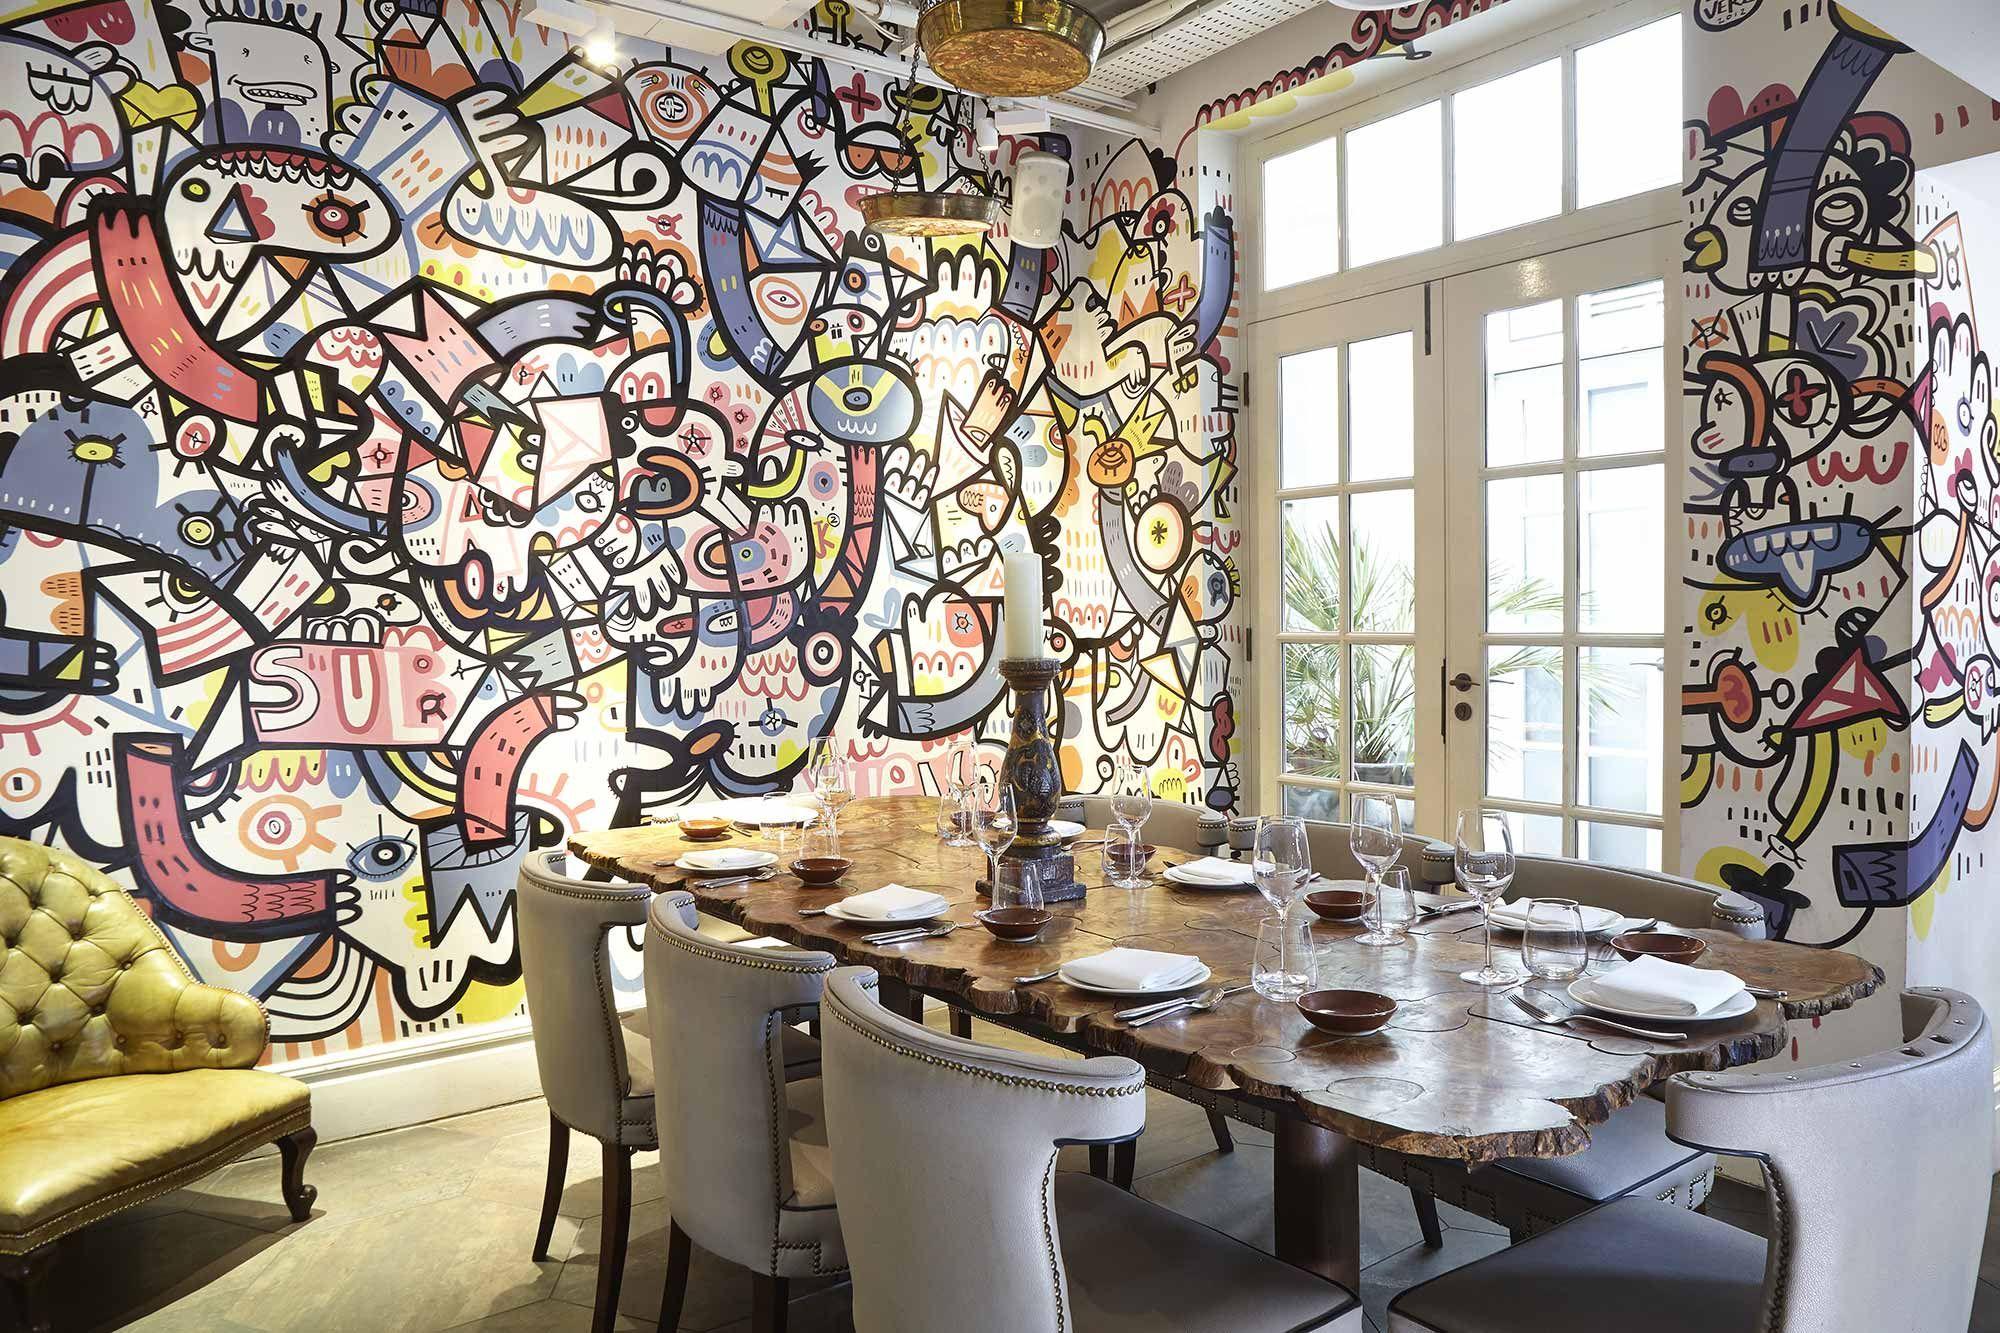 Coya Restaurant London   Restaurant   Bar in Mayfair. Coya Restaurant London   Restaurant   Bar in Mayfair   Restaurants